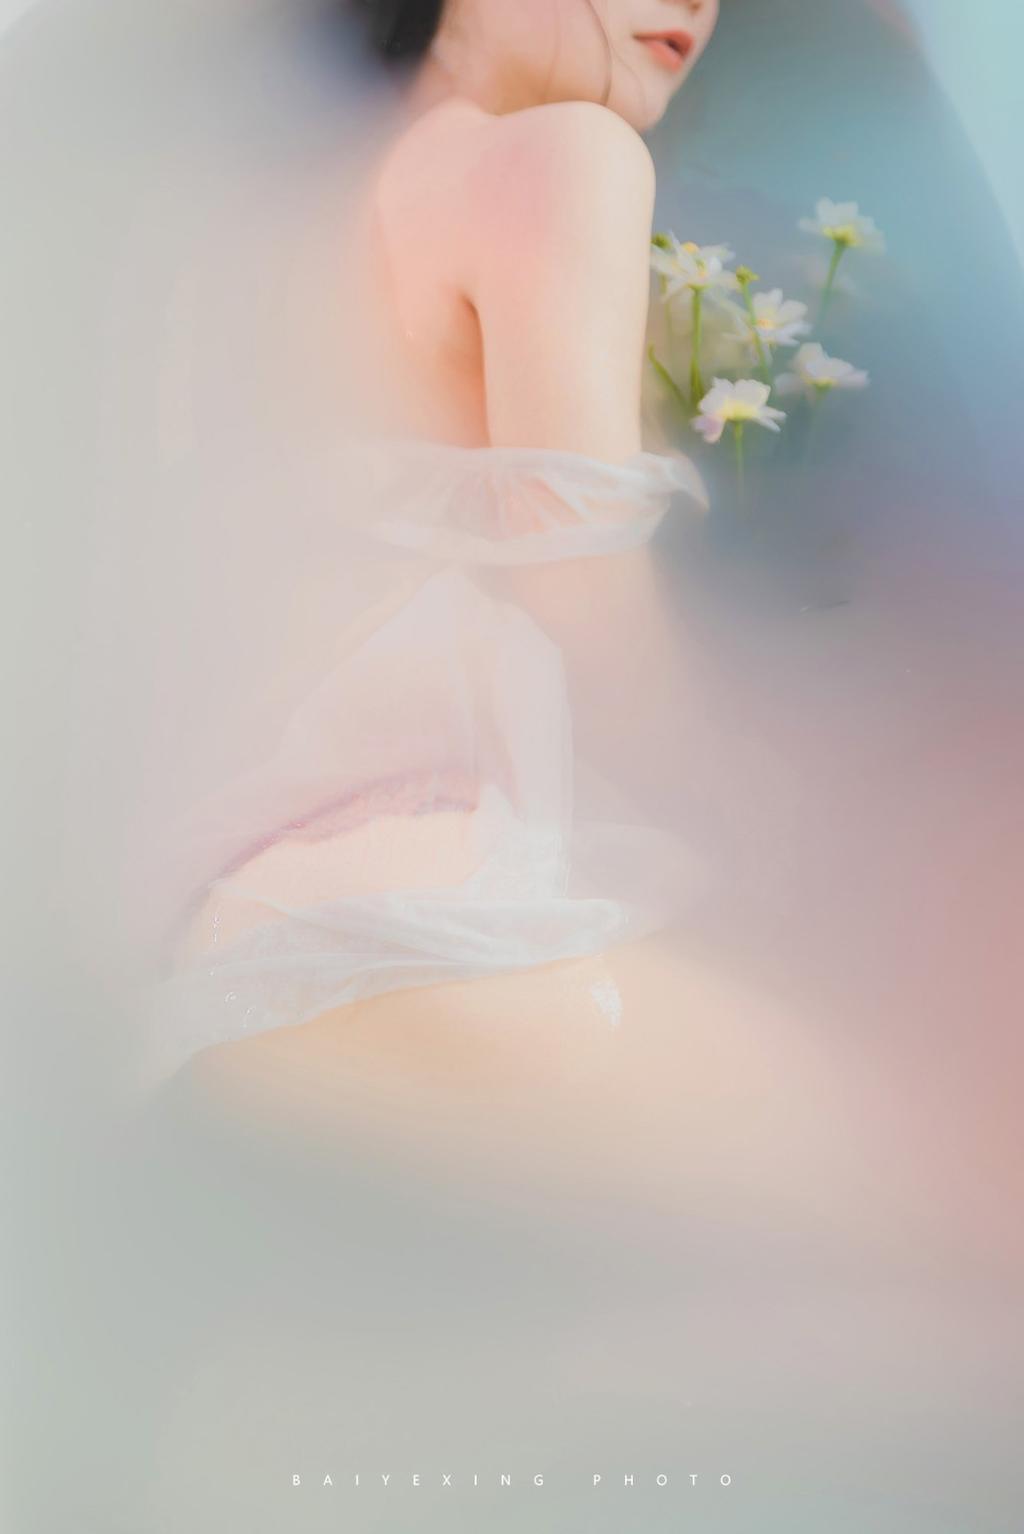 美女图片《水煮浴缸》唯美写真摄影网